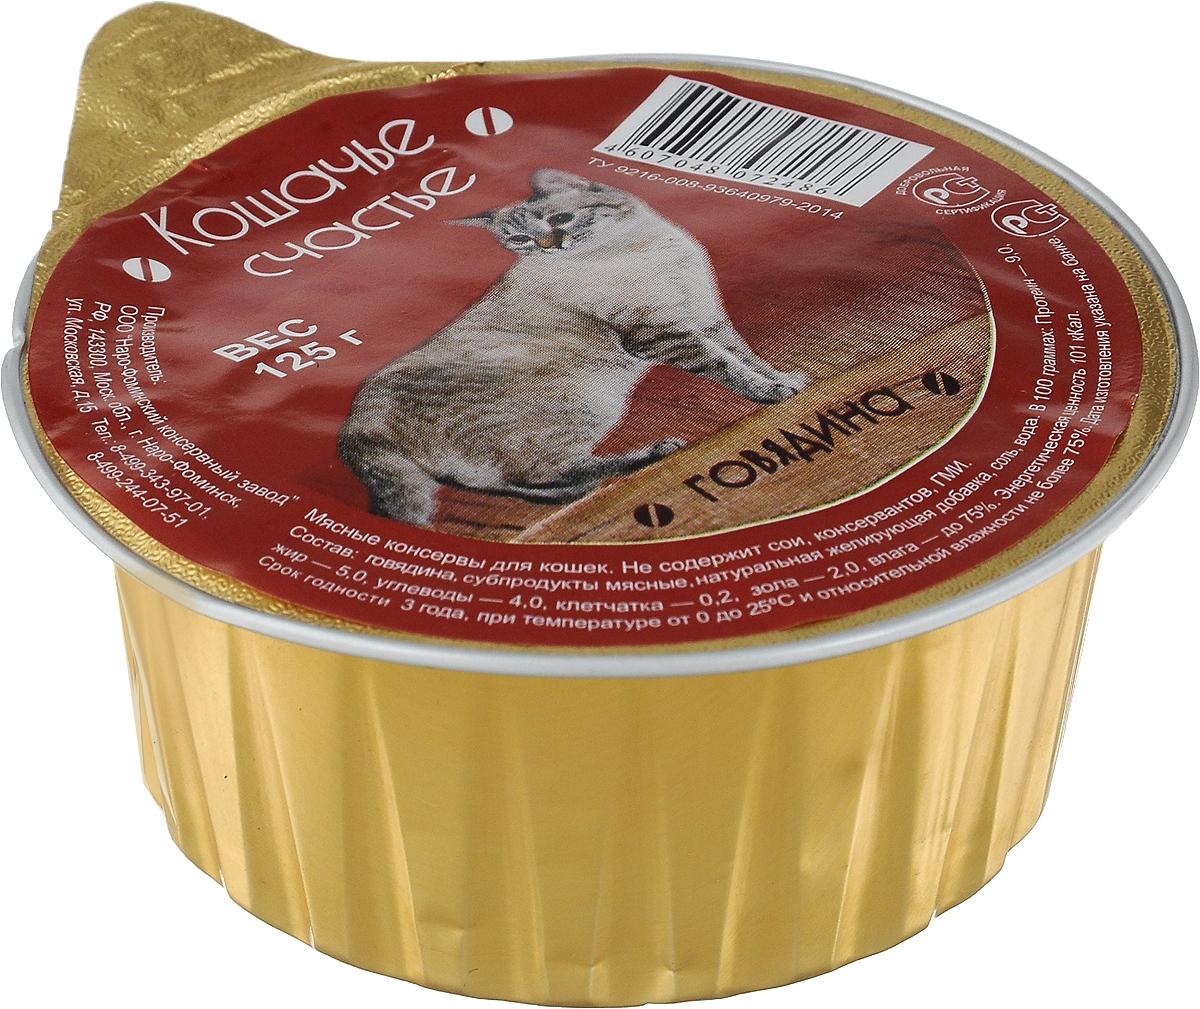 Консервы для кошек Кошачье Счастье, с говядиной, 125 г00-00002027Мясные консервы для кошек Кошачье Счастье изготовлены из натурального российского мясного сырья. Не содержат сои, искусственных красителей и генномодифицированных ингредиентов. Корм полностью удовлетворяет ежедневные энергетические потребности животного и обеспечивает оптимальное функционирование пищеварительной системы. Товар сертифицирован.